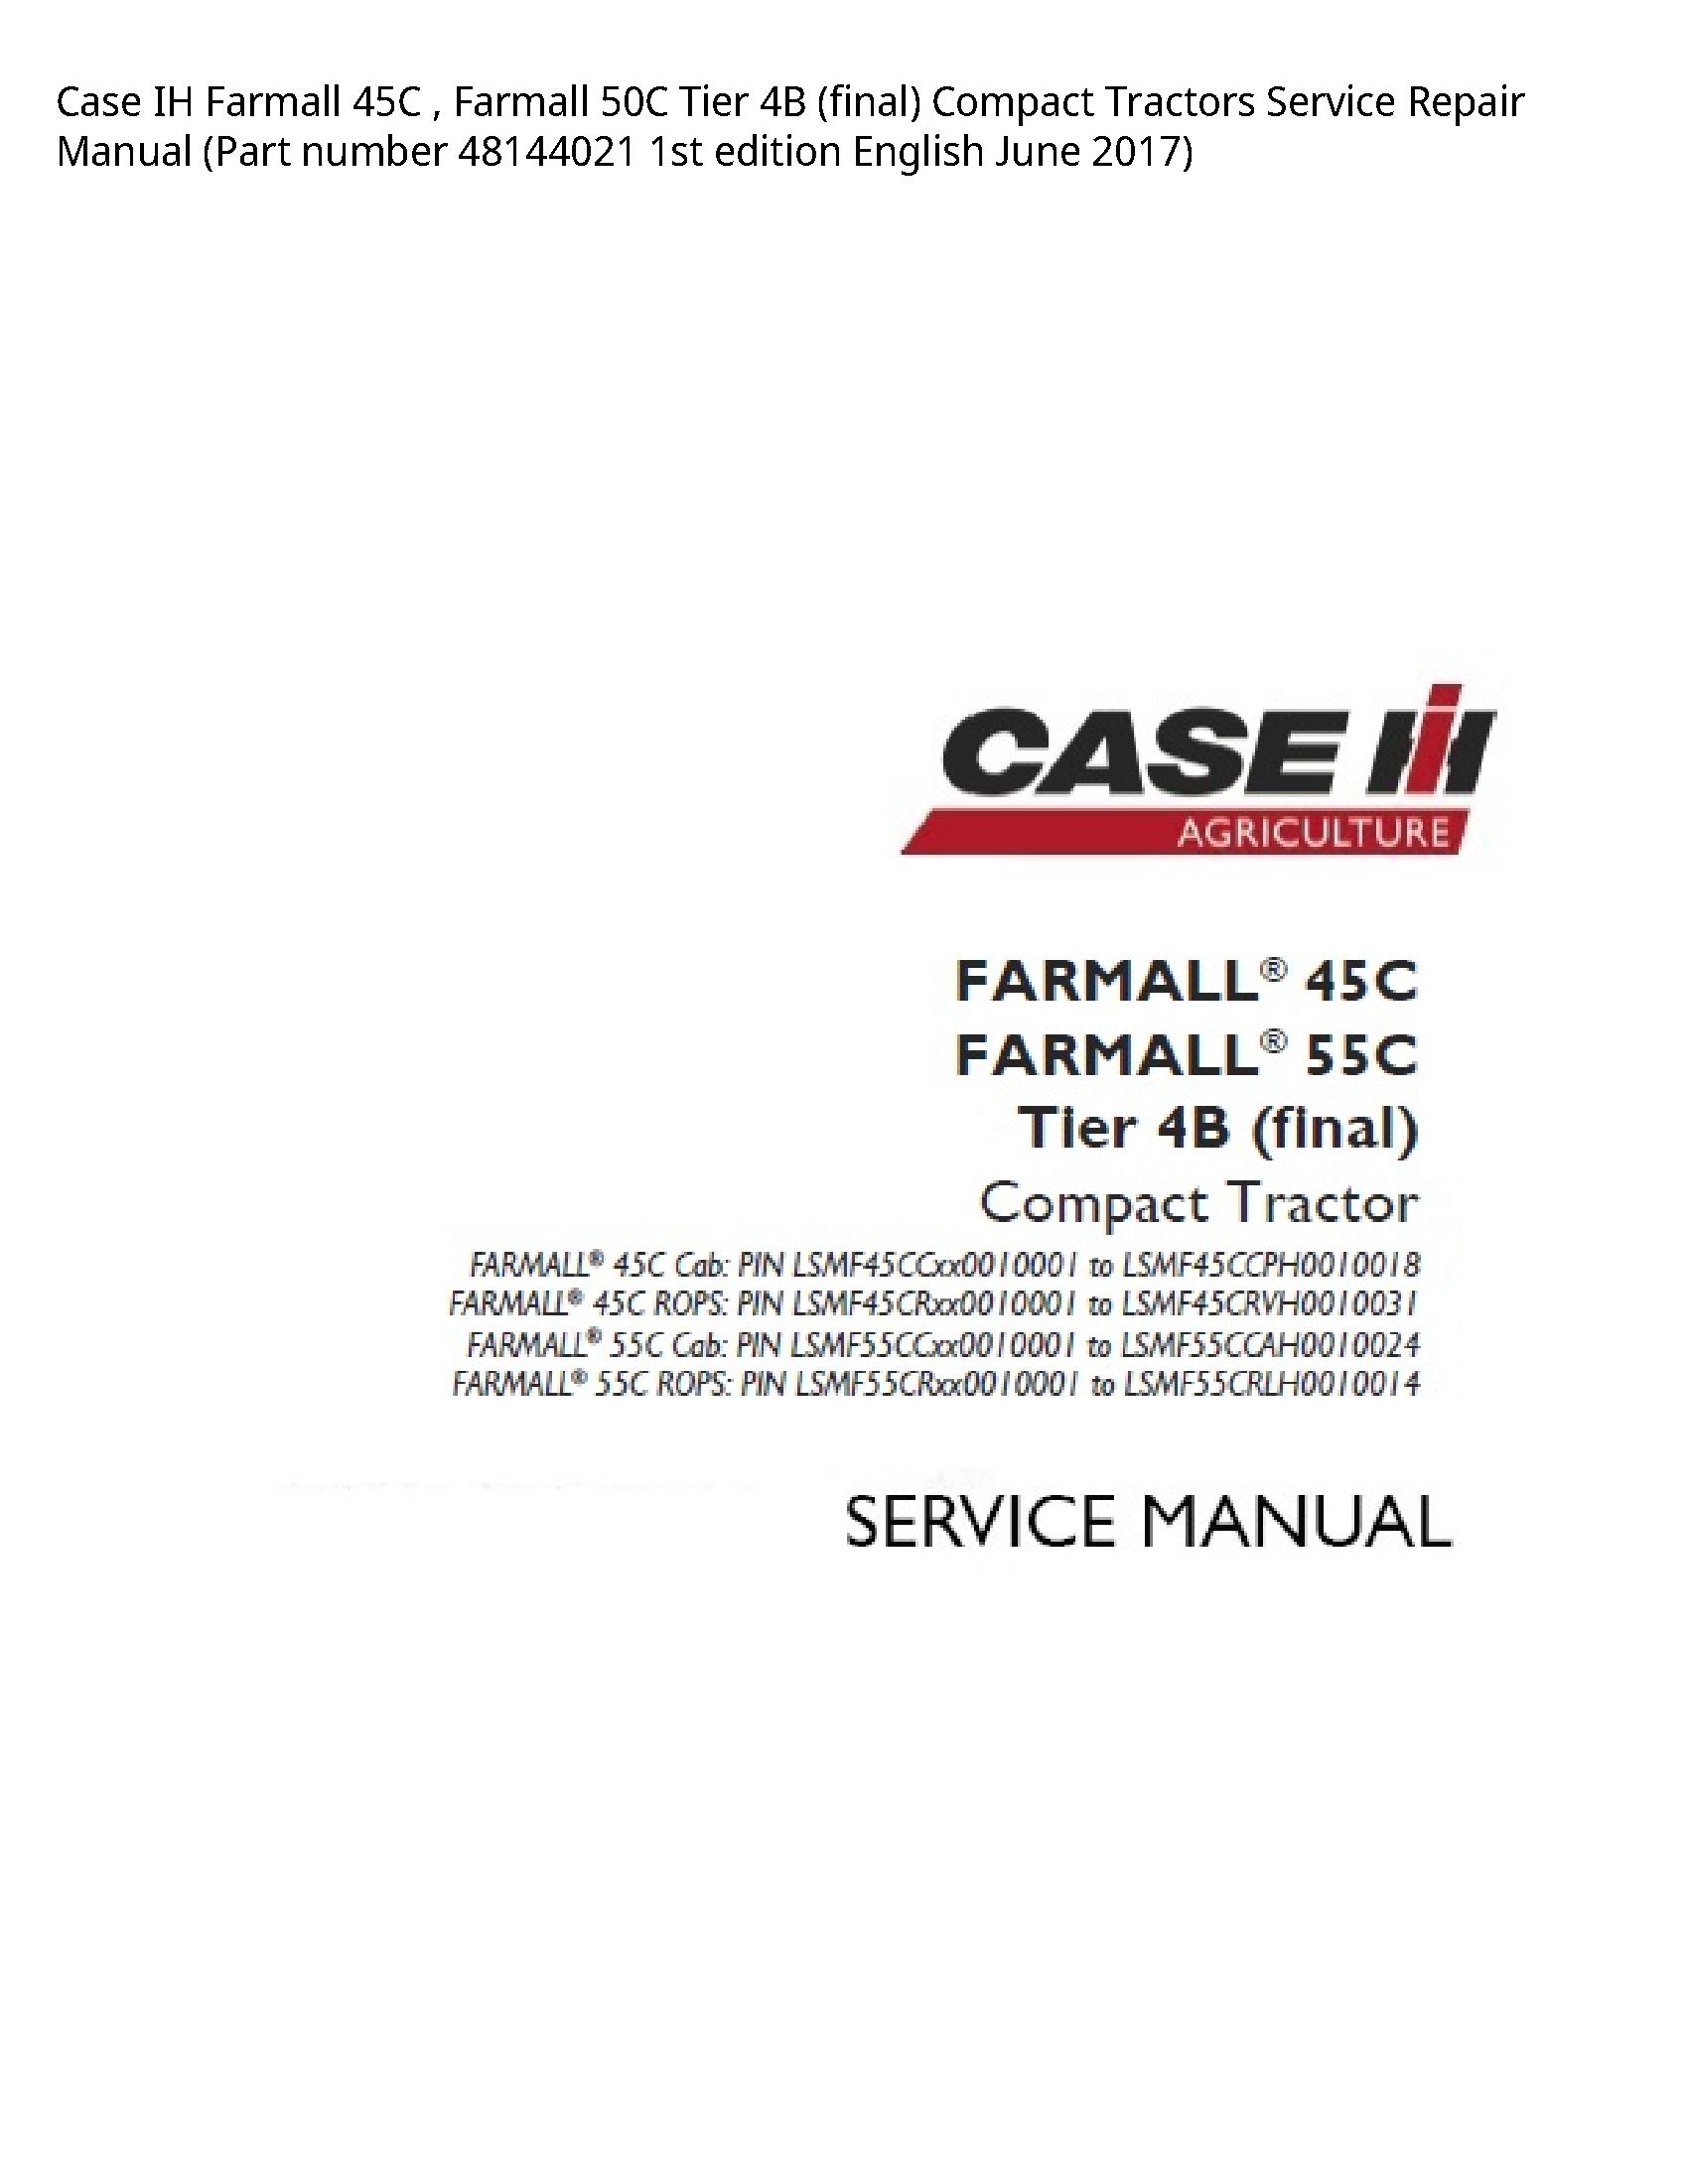 Case/Case IH 45C IH Farmall Farmall Tier (final) Compact Tractors manual